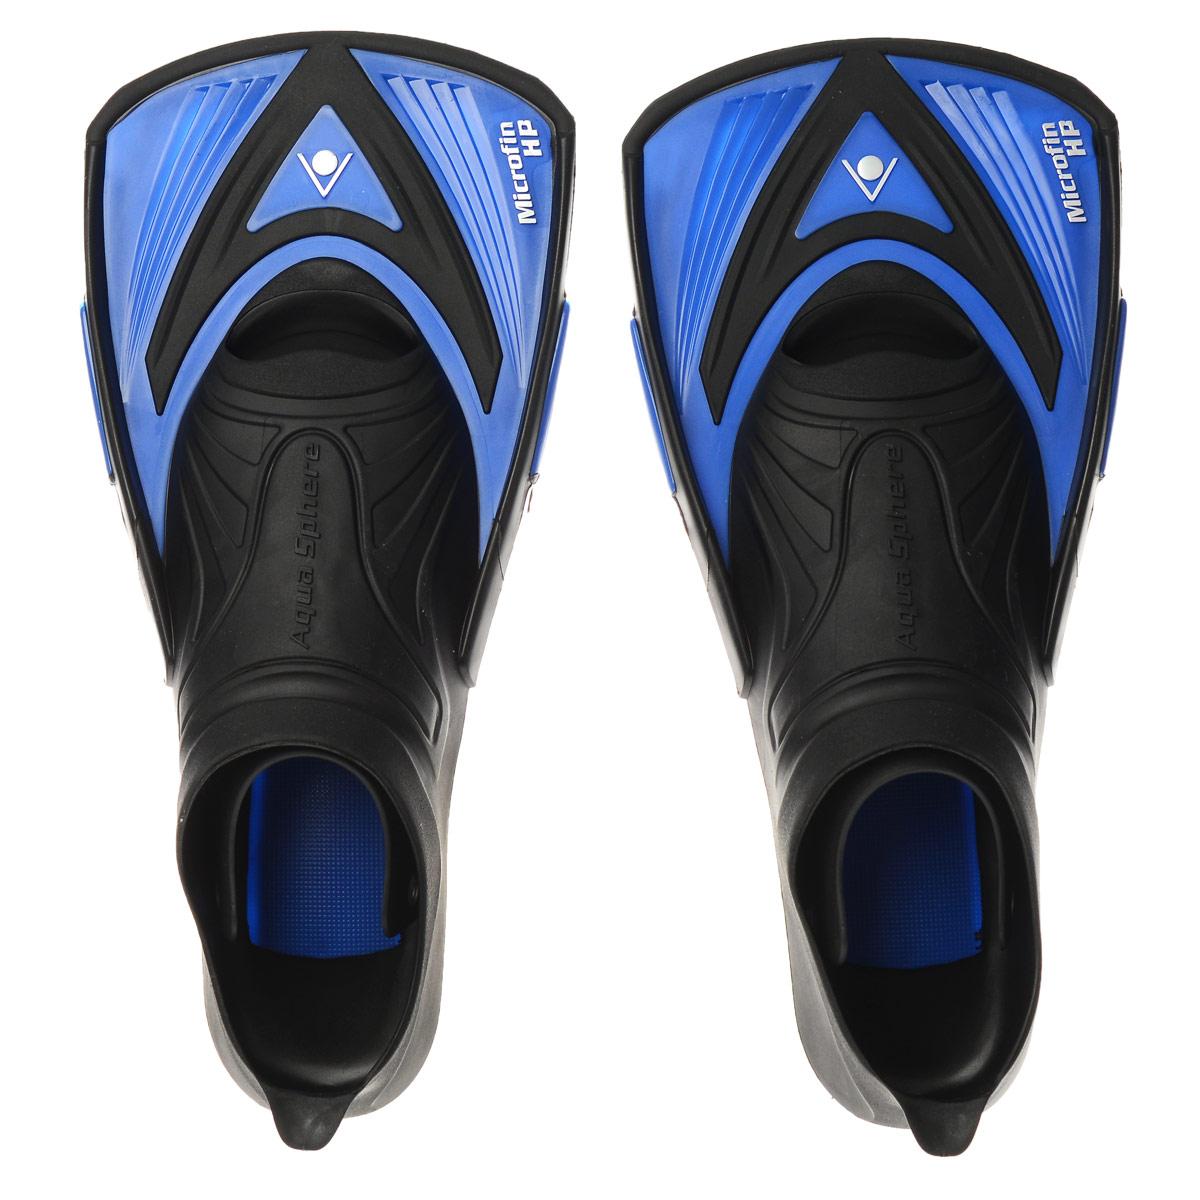 Ласты тренировочные Aqua Sphere Microfin HP, цвет: синий, черный. Размер 38/39TN 221360 (205350)Aqua Sphere Microfin HP - это ласты для энергичной манеры плавания, предназначенные для серьезных спортивных тренировок. Уникальный дизайн ласт обеспечивает достаточное сопротивление воды для силовых тренировок и поддерживает ноги близко к поверхности воды - таким образом, пловец занимает правильное положение, гарантирующее максимальную обтекаемость. Особенности:Галоша с закрытой пяткой выполнена из прочного термопластика.Короткие лопасти удерживают ноги пловца близко к поверхности воды.Позволяют развивать силу мышц и поддерживать их в тонусе, одновременно совершенствуя технику плавания.